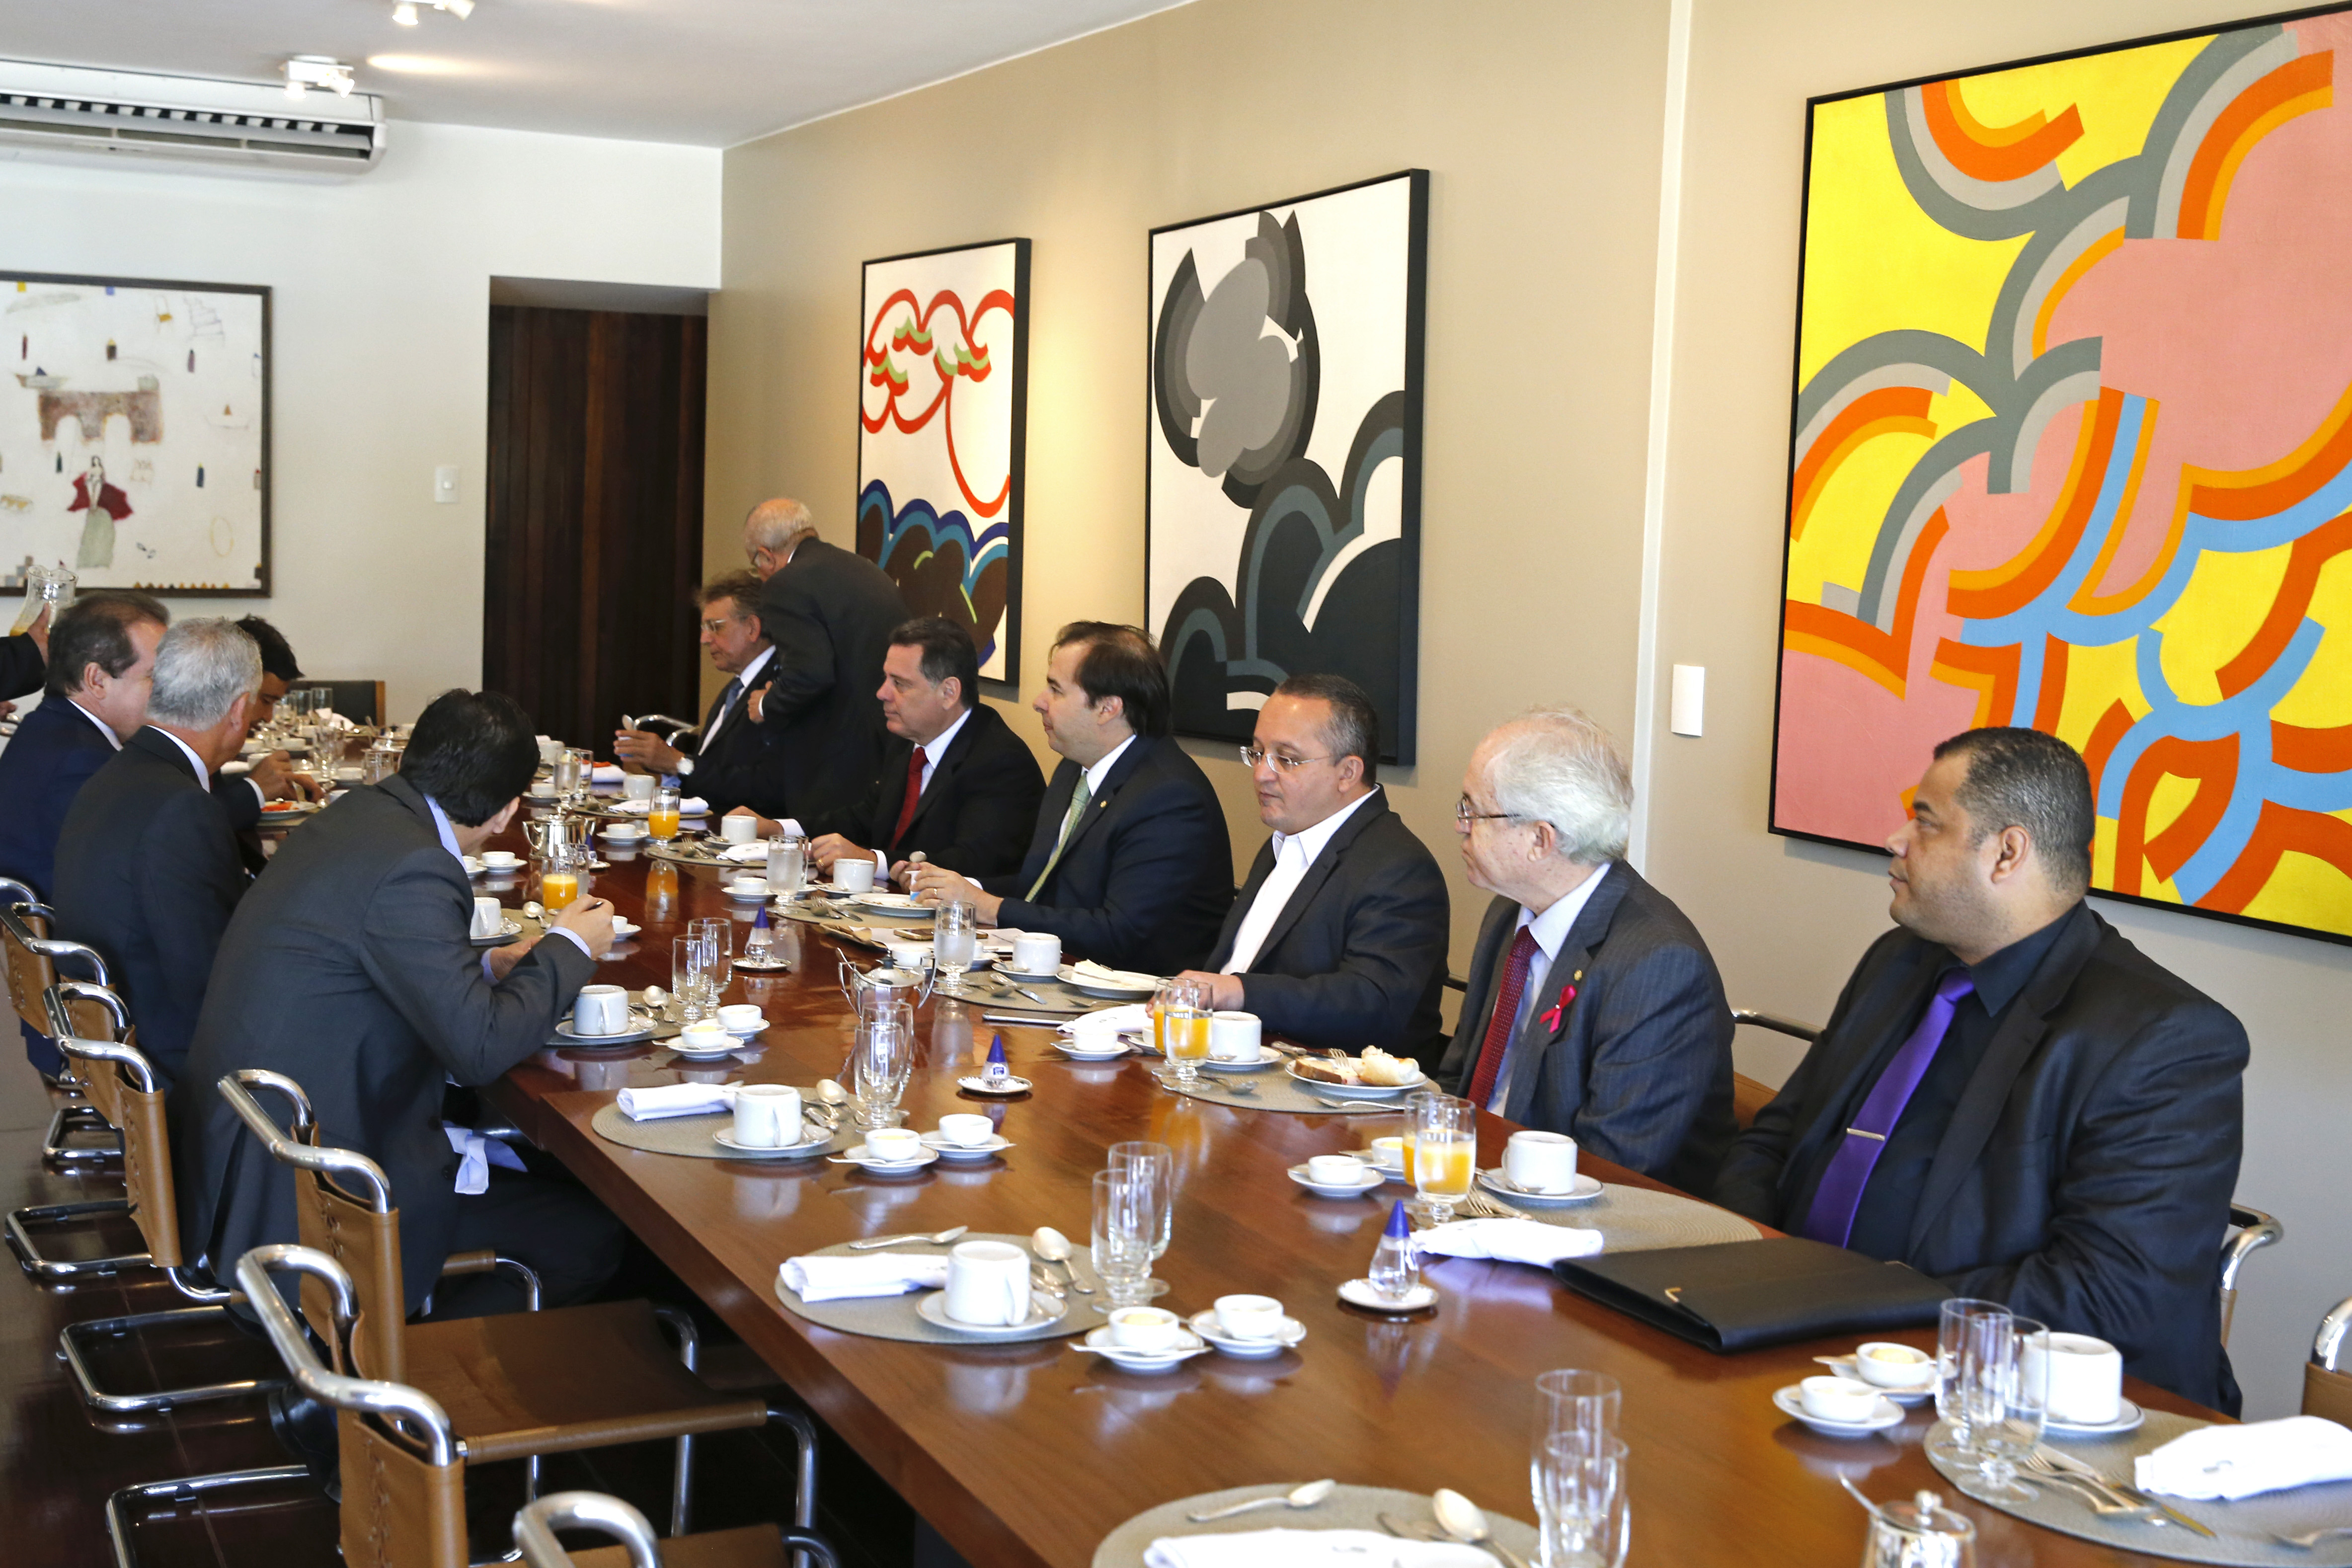 Café da manhã com governadores na residência oficial da Câmara dos Deputados